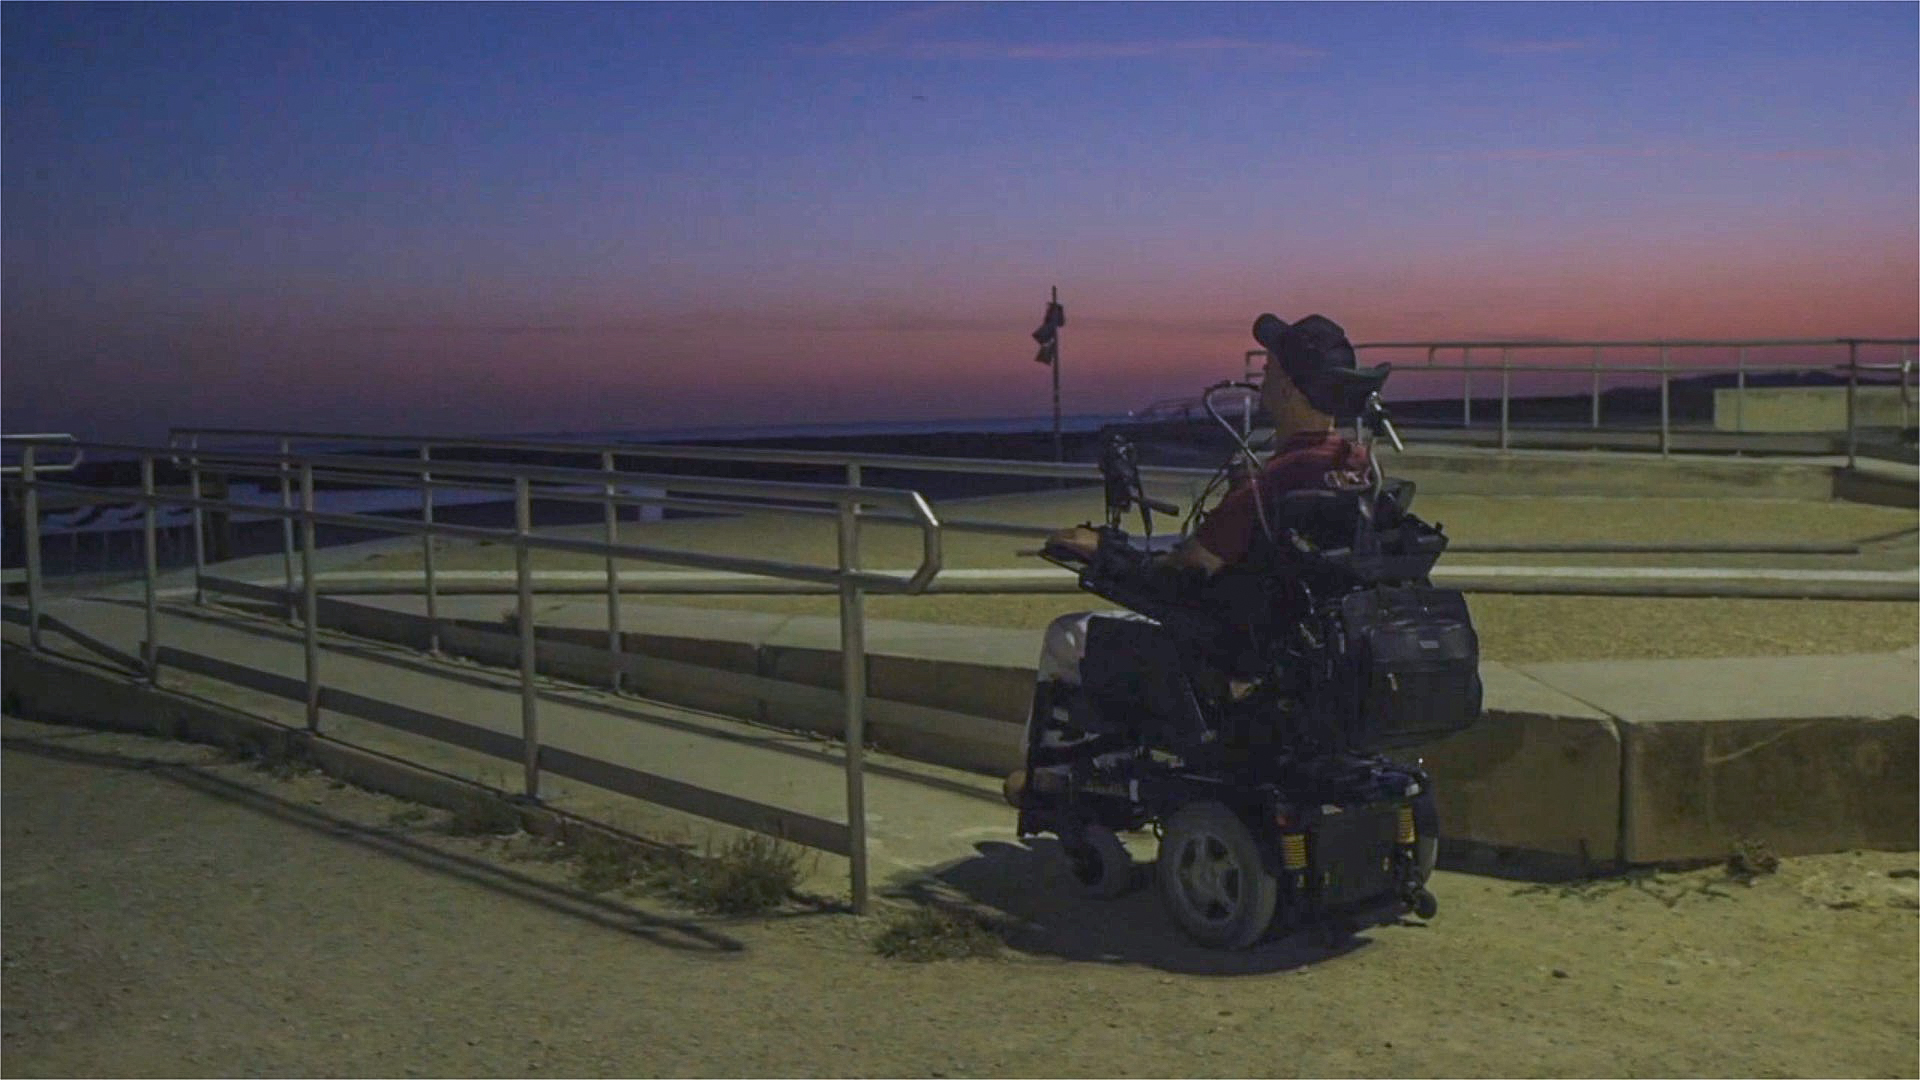 Patrice en fauteuil sur une ongue rampe menant à la plage au coucher de soleil